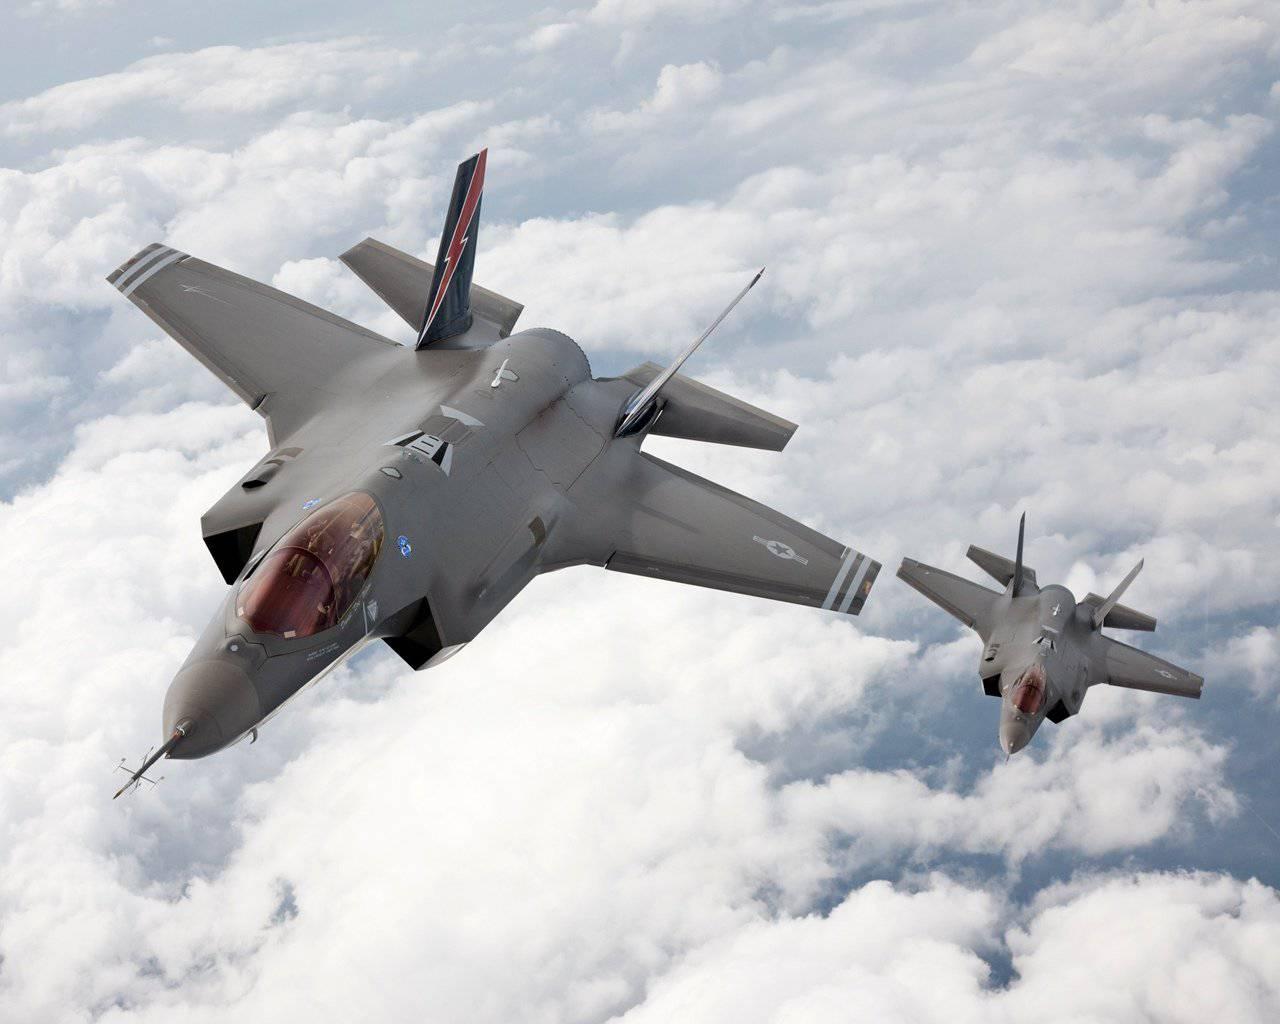 Обои F-35, Самолет 5 поколения, истребитель пятого поколения. Авиация foto 14